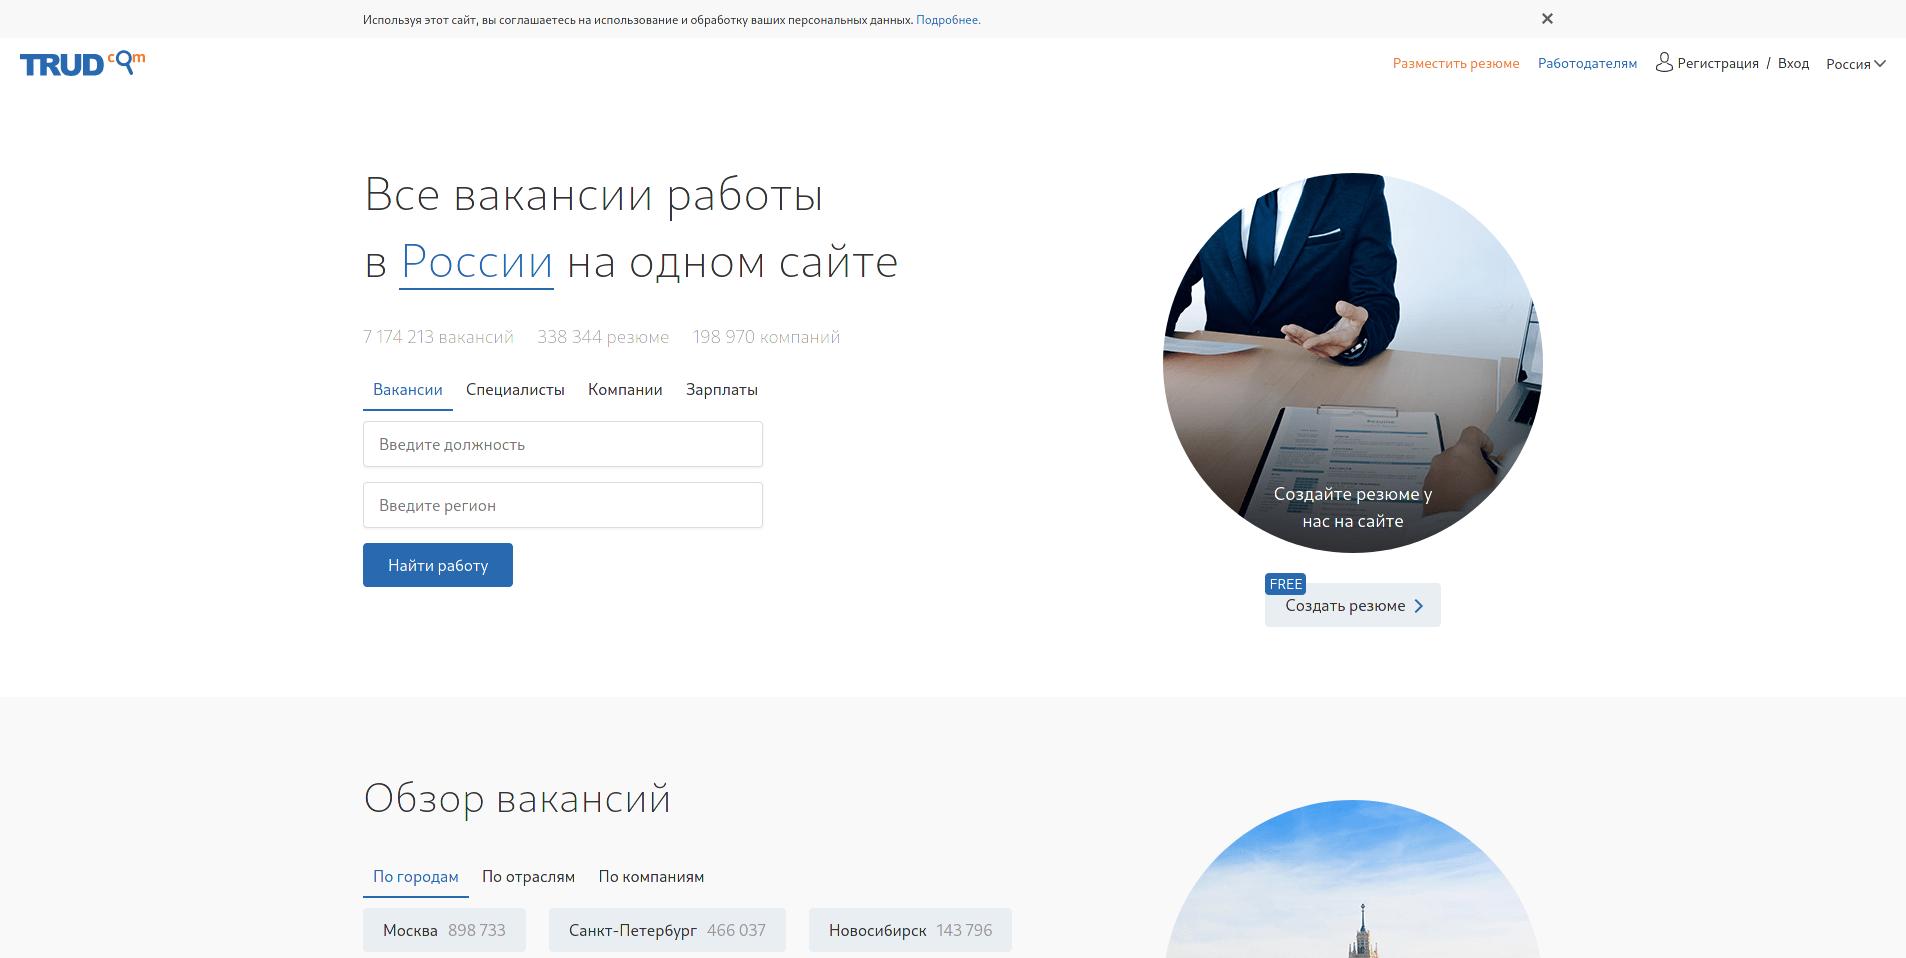 Screenshot_2021-03-05 Работа в России – Trud com – вакансии и резюме.png